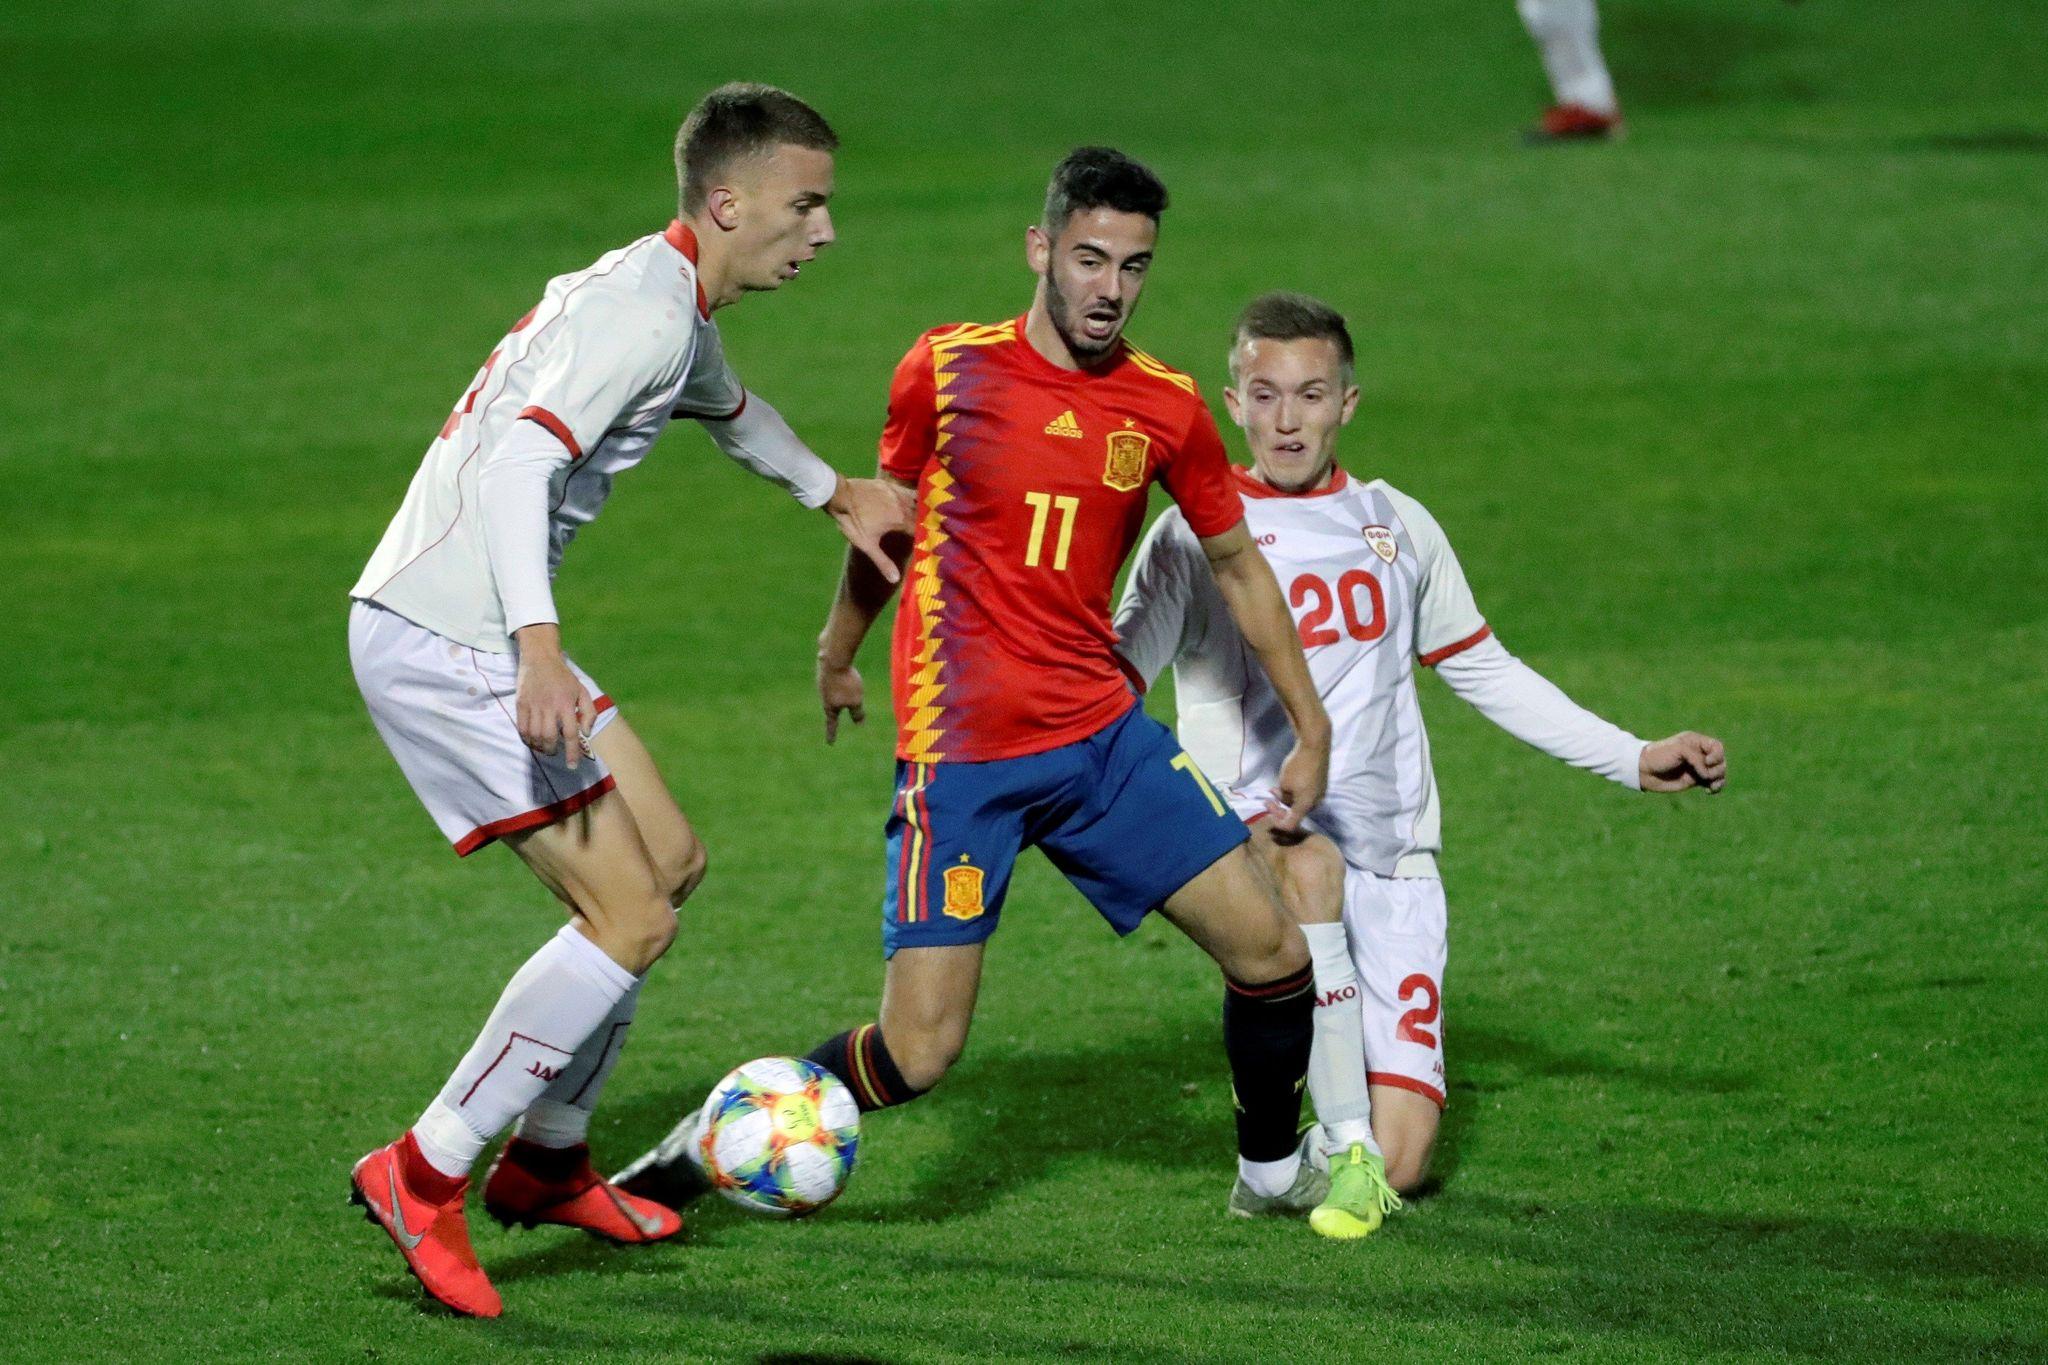 GRAF9165. ALCORCÓN (MADRID), 14/11/2019.- El extremo de la selección española de fútbol sub-21 <HIT>Andrés</HIT><HIT>Martín</HIT> (c), disputa un balón contra el centrocampista del Macedonia del Norte sub-21, Tomce Grozdanovski (d), este jueves, durante el partido de clasificación para la Eurocopa 2021, en el estadio de Santo Domingo, en Alcorcón, Madrid. EFE/JuanJo <HIT>Martín</HIT>